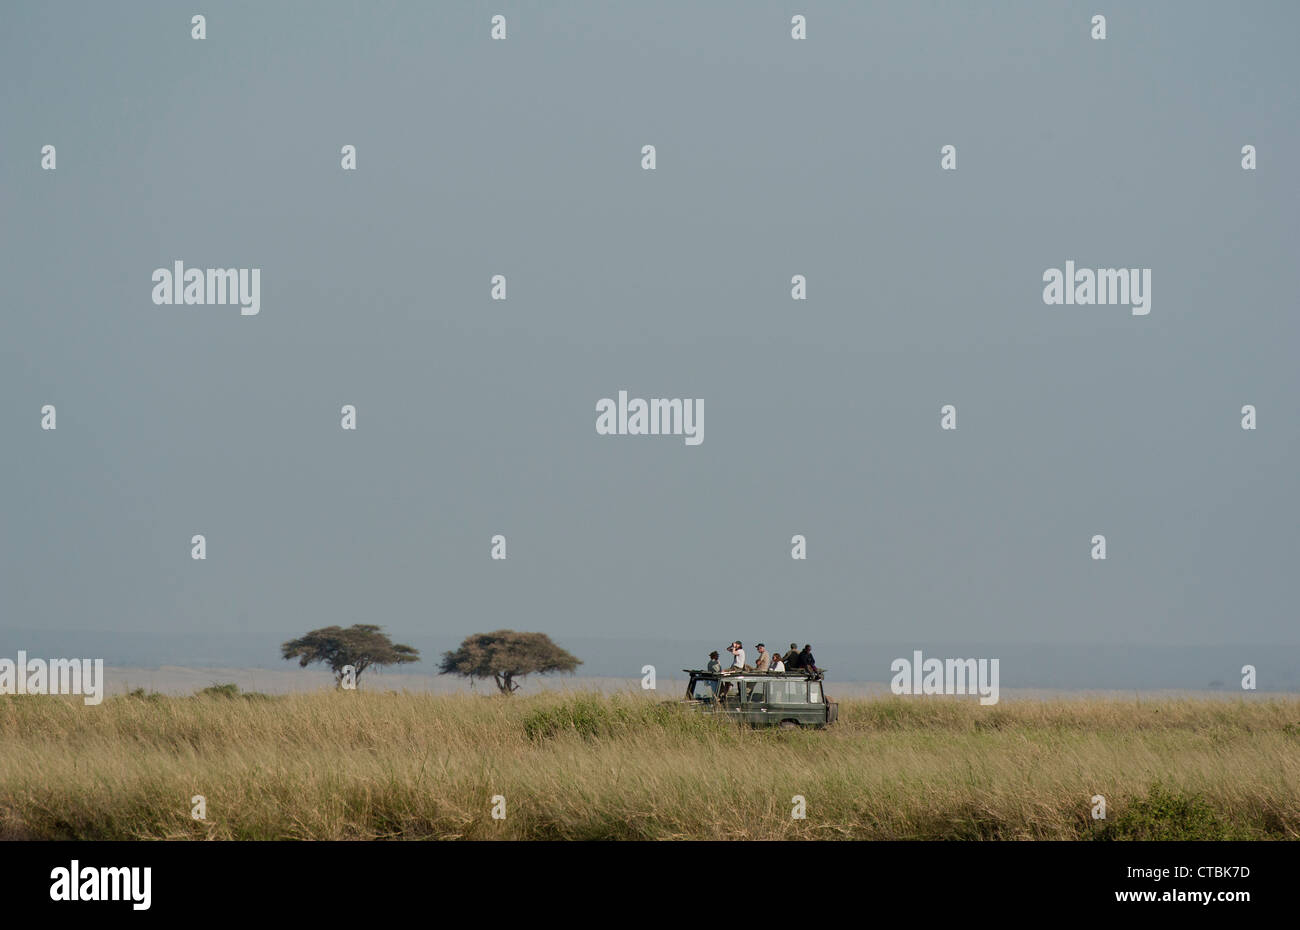 On Safari in Amboseli - Stock Image